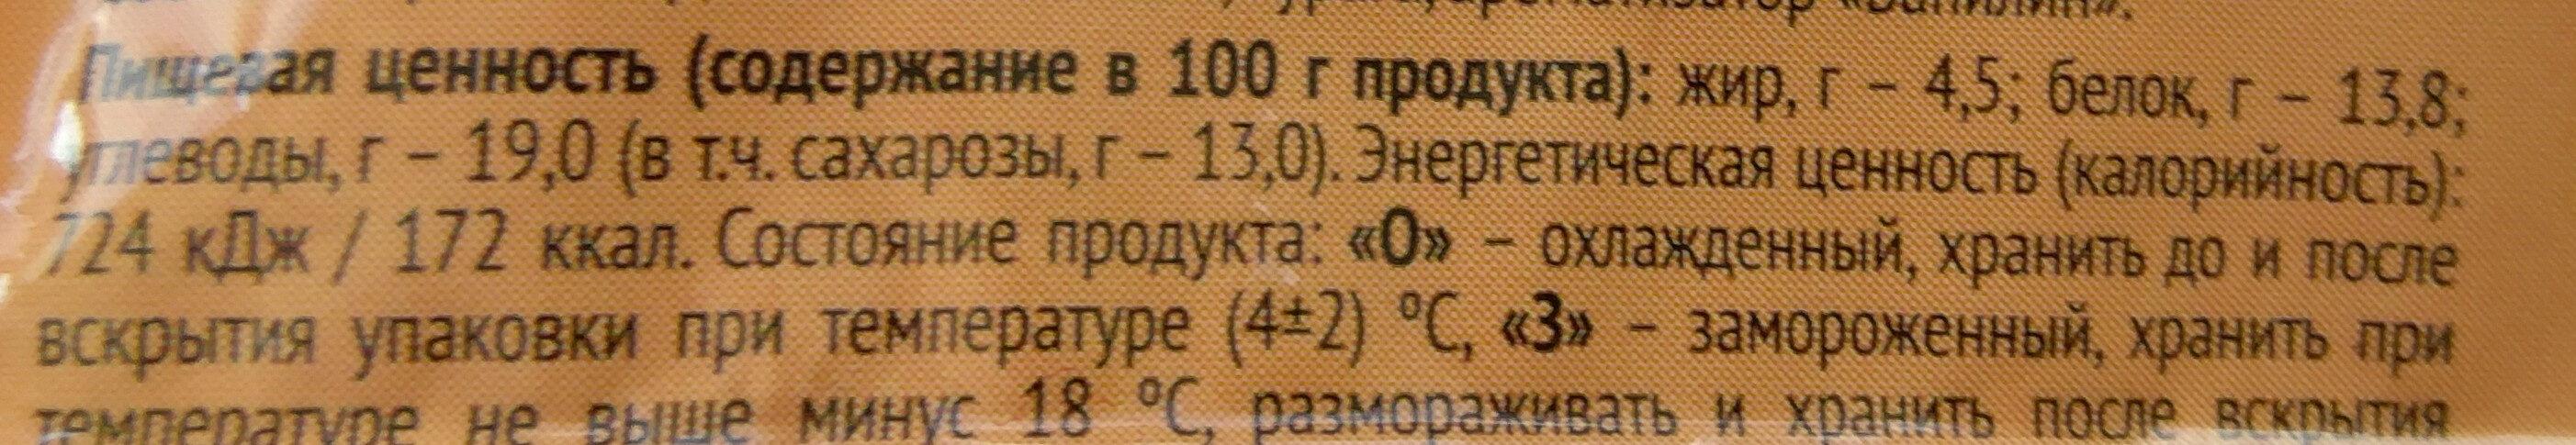 Сырок творожный с сахаром и курагой с массовой долей жира 4,5% - Пищевая и энергетическая ценность - ru